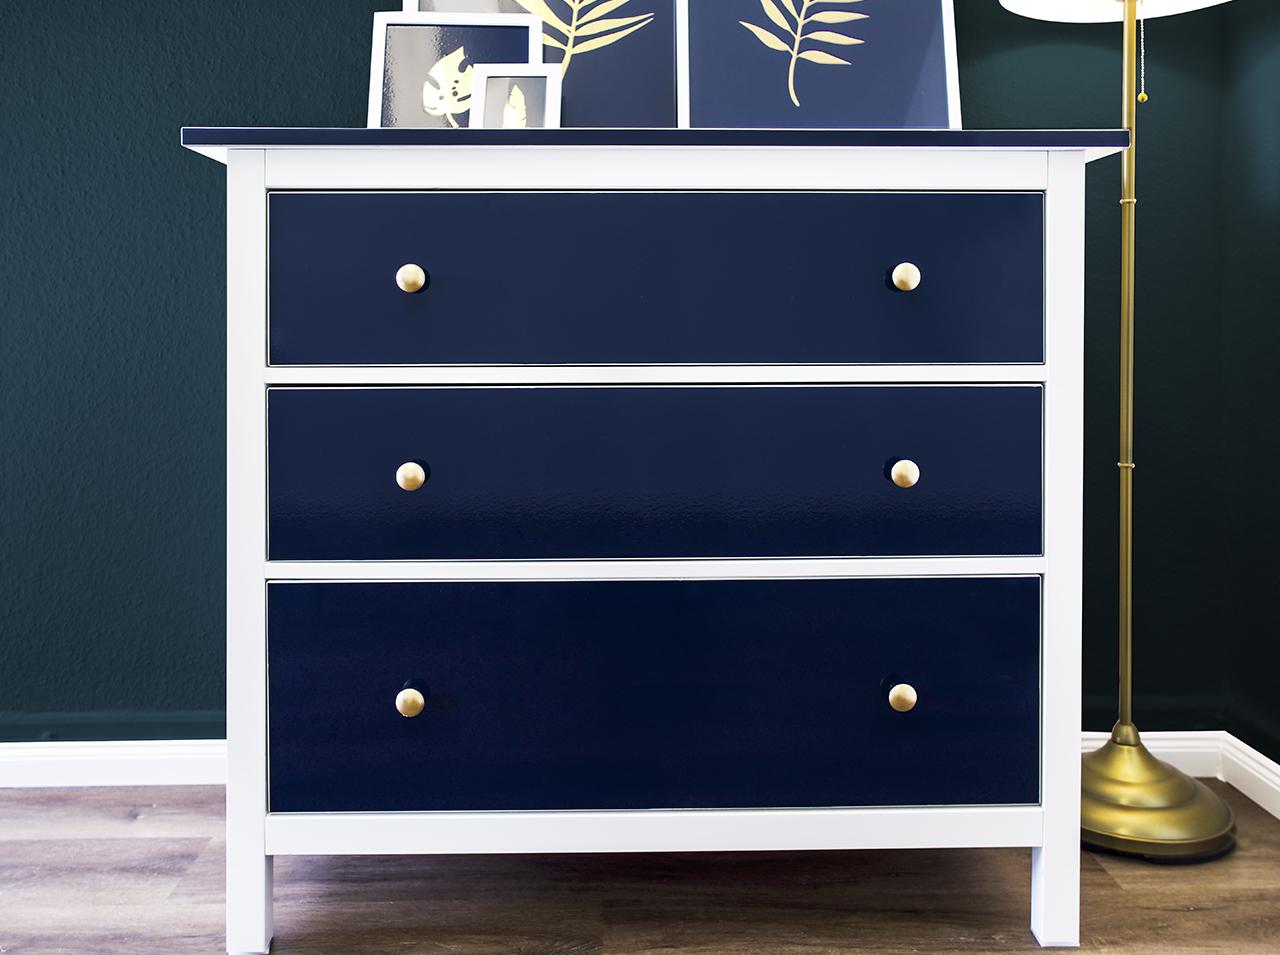 Фоторамки белого цвета, внутри мотивы из самоклеящейся пленки Navy Blue или Royal Blue в качестве альтернативы и пленки Hochglanz Gold.